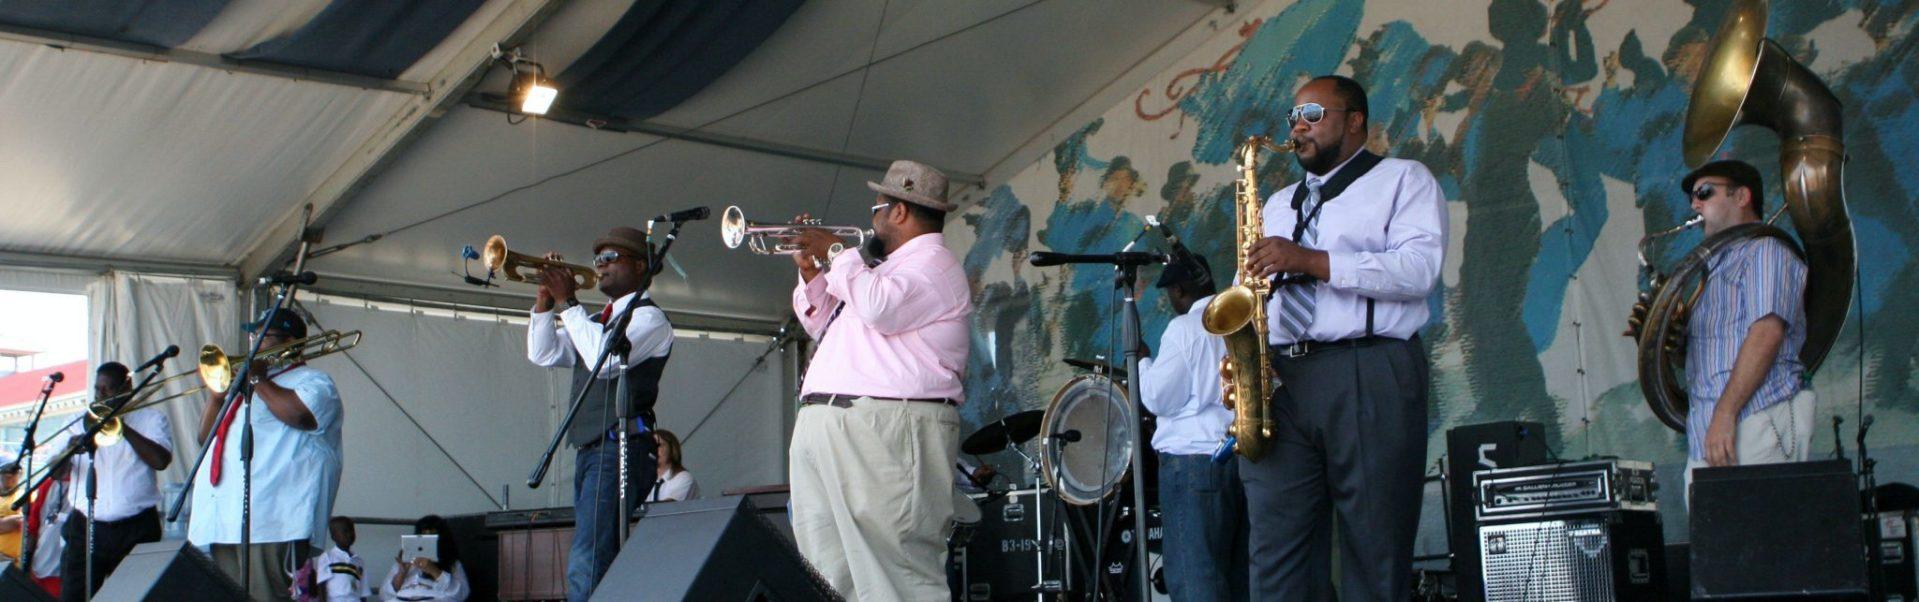 Bezoek het New Orleans Jazz and Heritage Festival